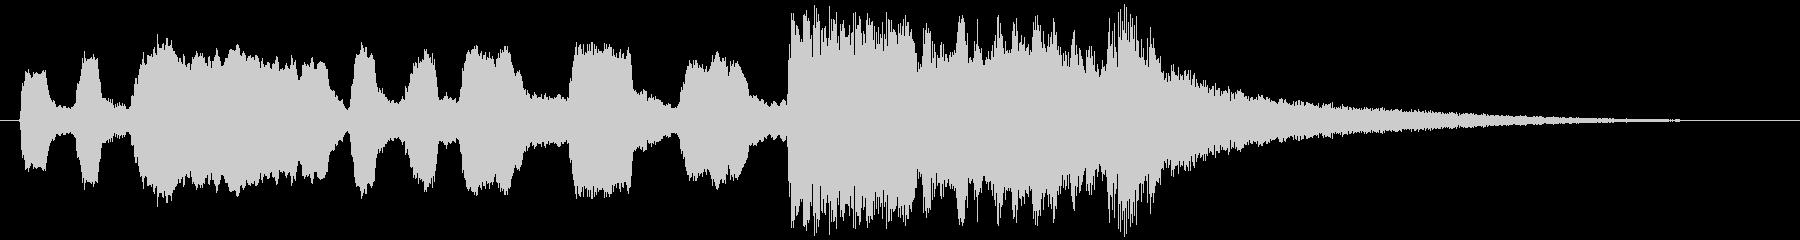 トランペットのシンプルなファンファーレの未再生の波形